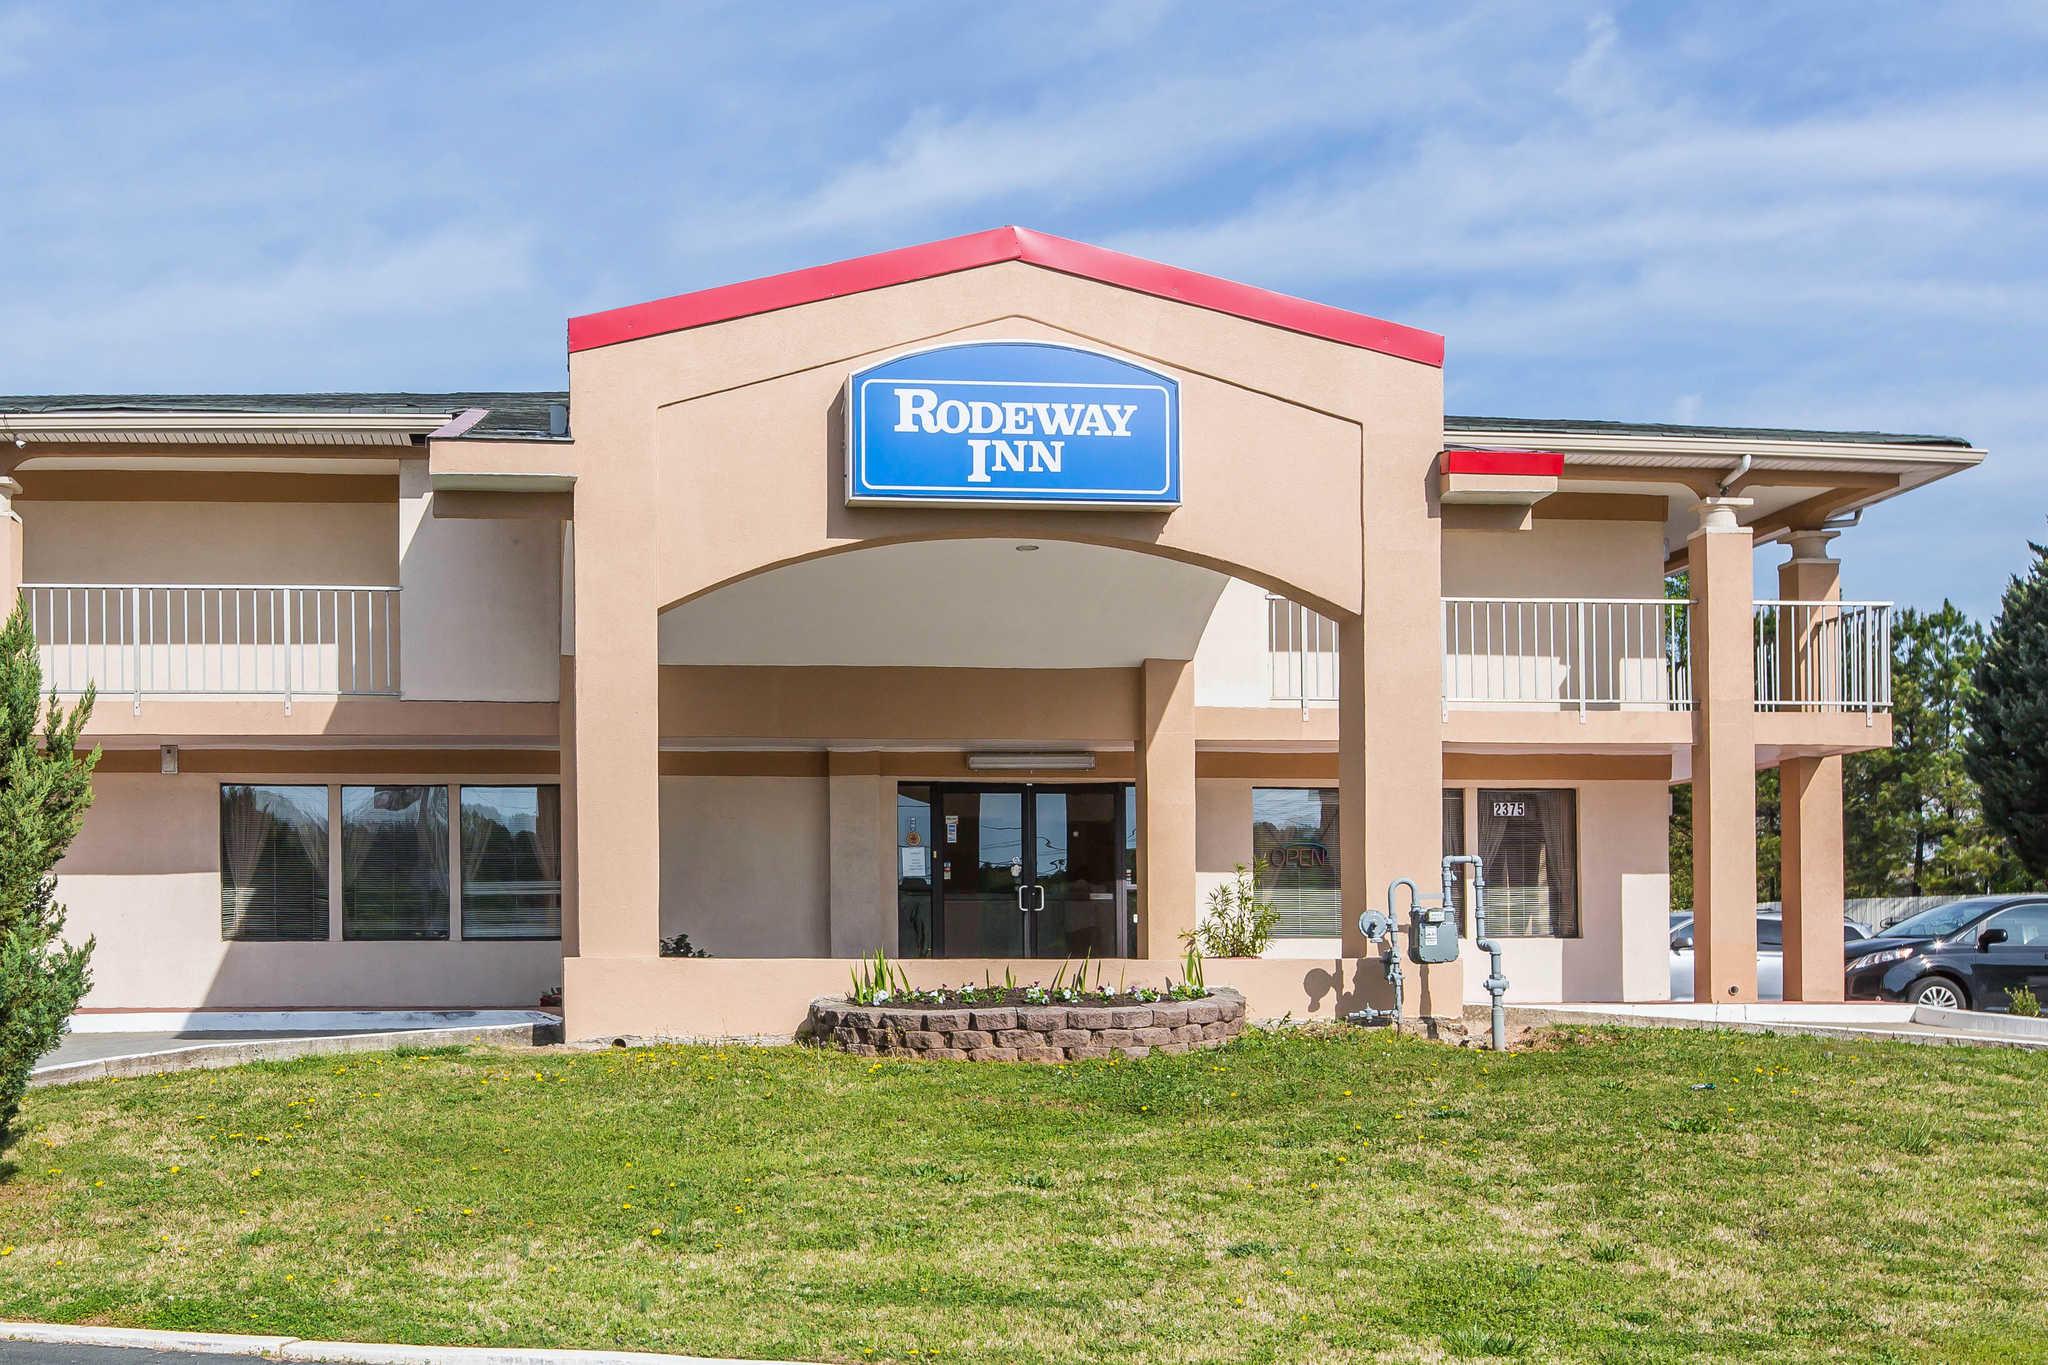 Rodeway Inn & Suites image 0